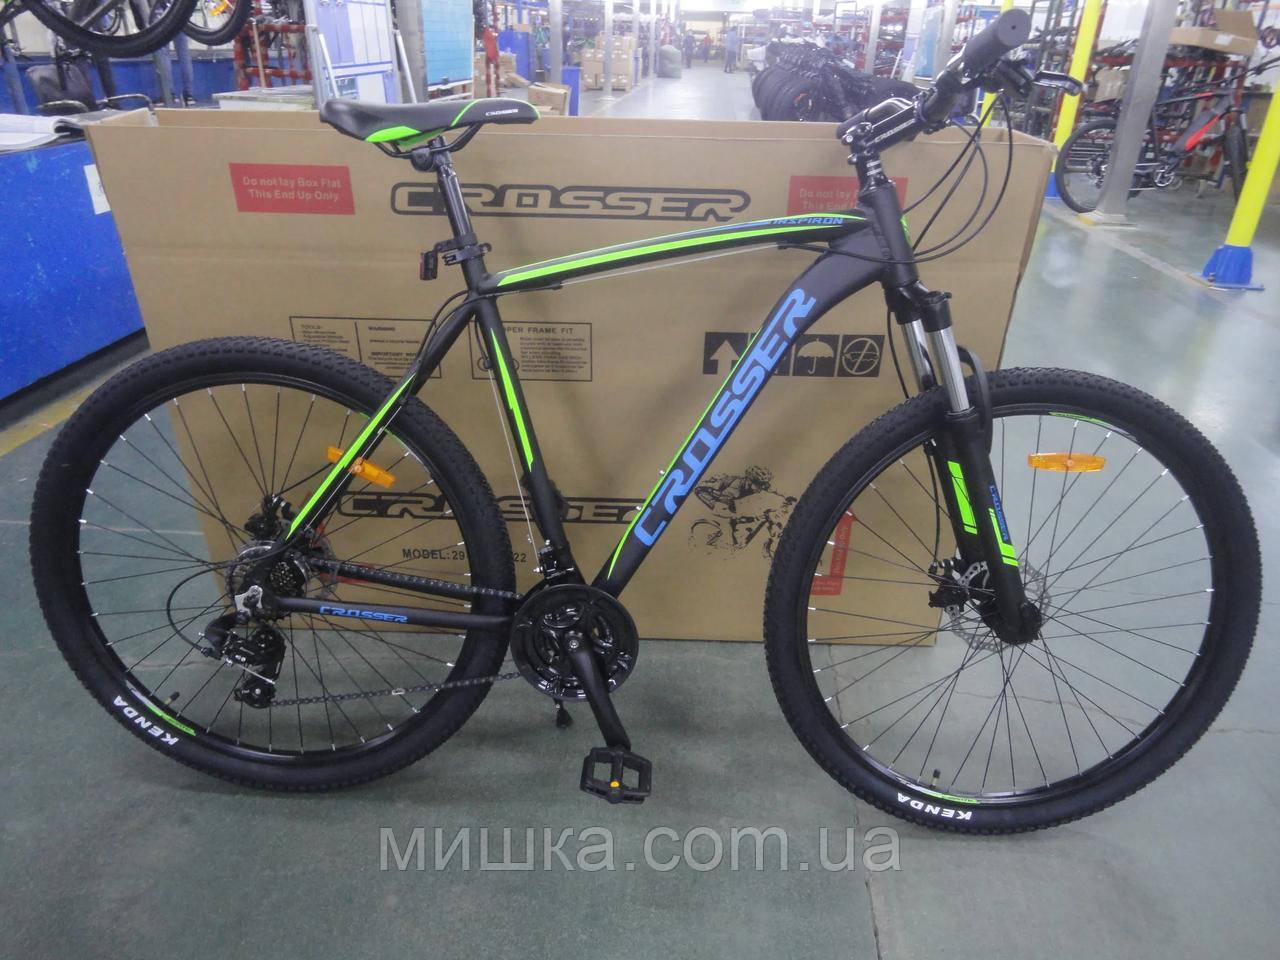 """Велосипед Crosser Inspiron 29"""" рама 21"""" чорно-синій, гірський алюмінієвий"""